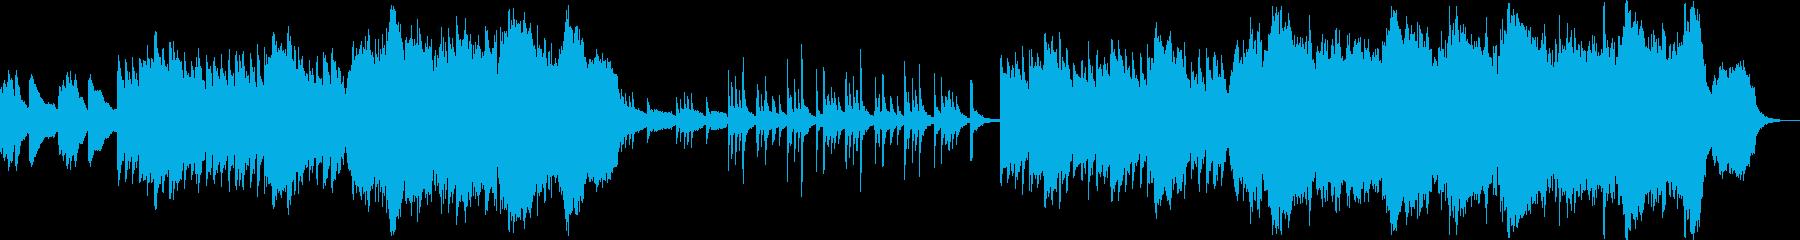 切ないピアノ&ストリングス曲の再生済みの波形